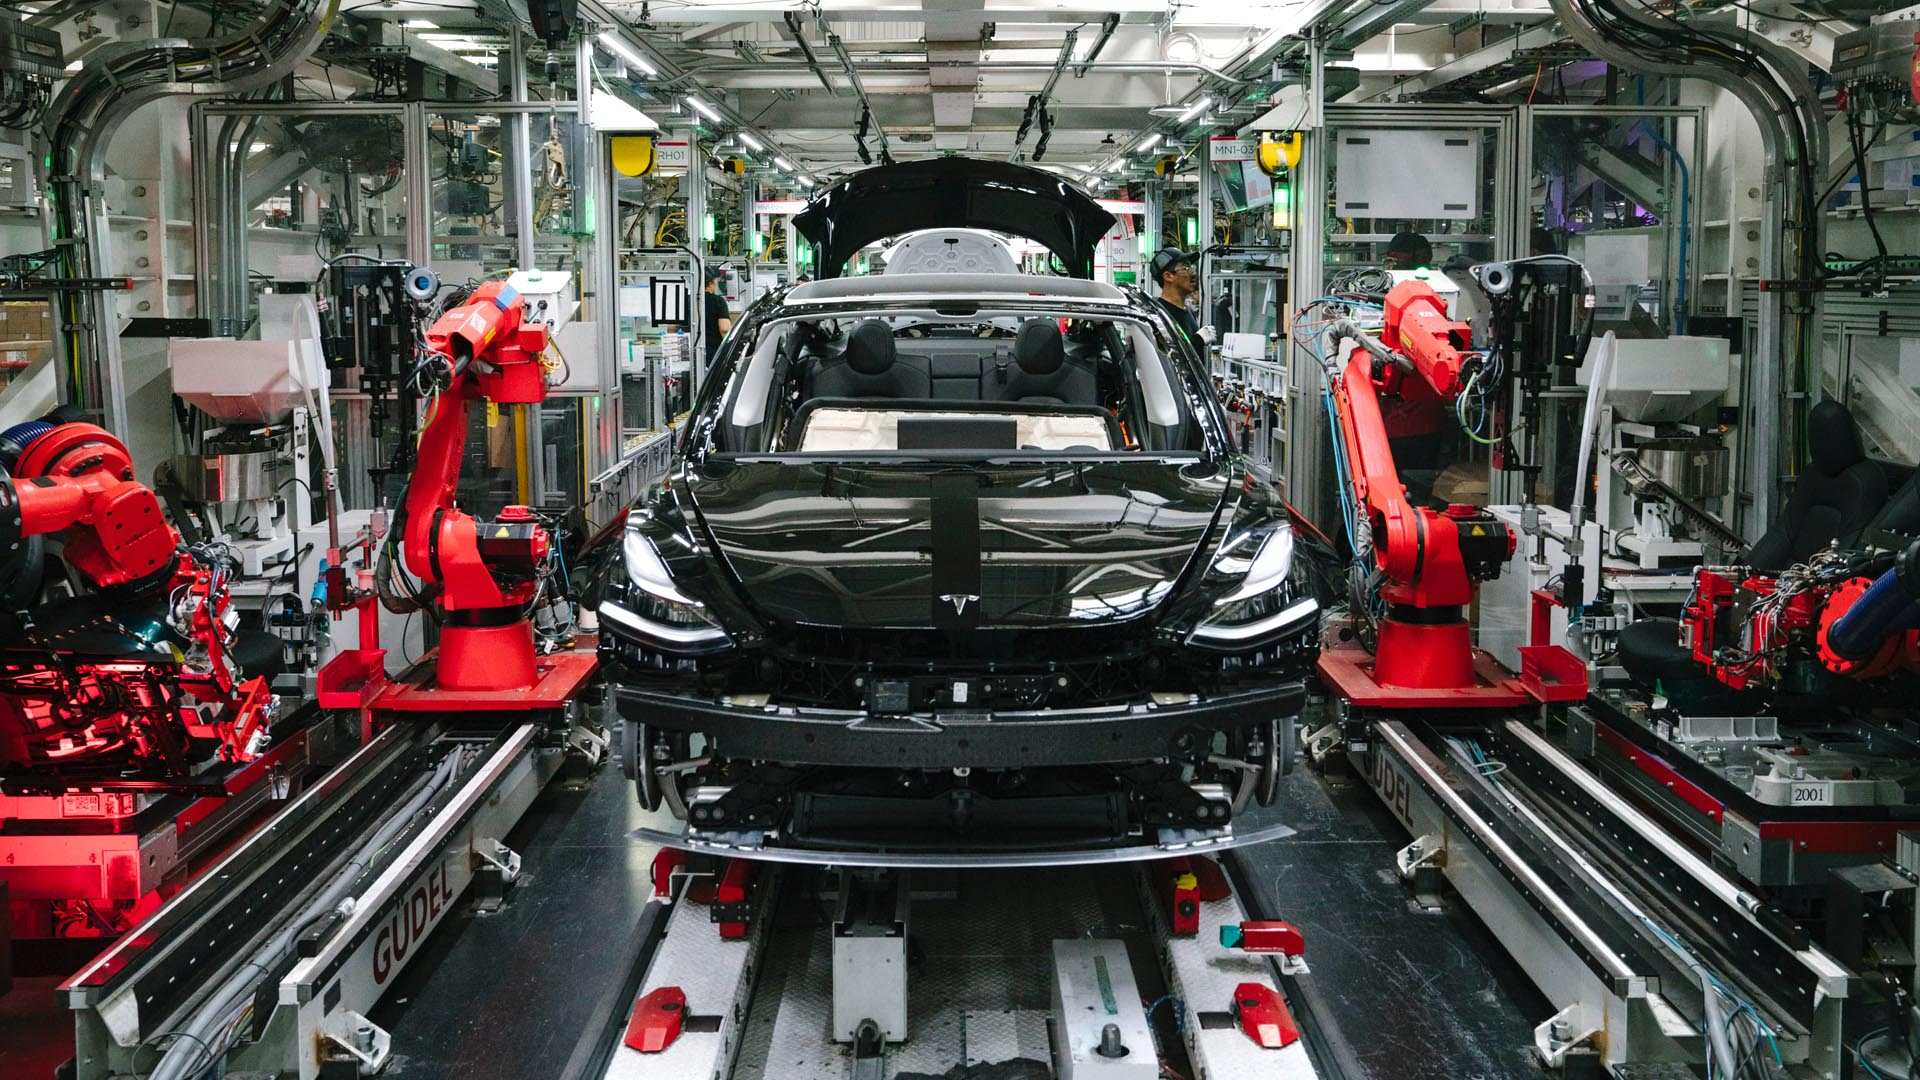 Tesla continúa teniendo problemas de calidad con sus coches